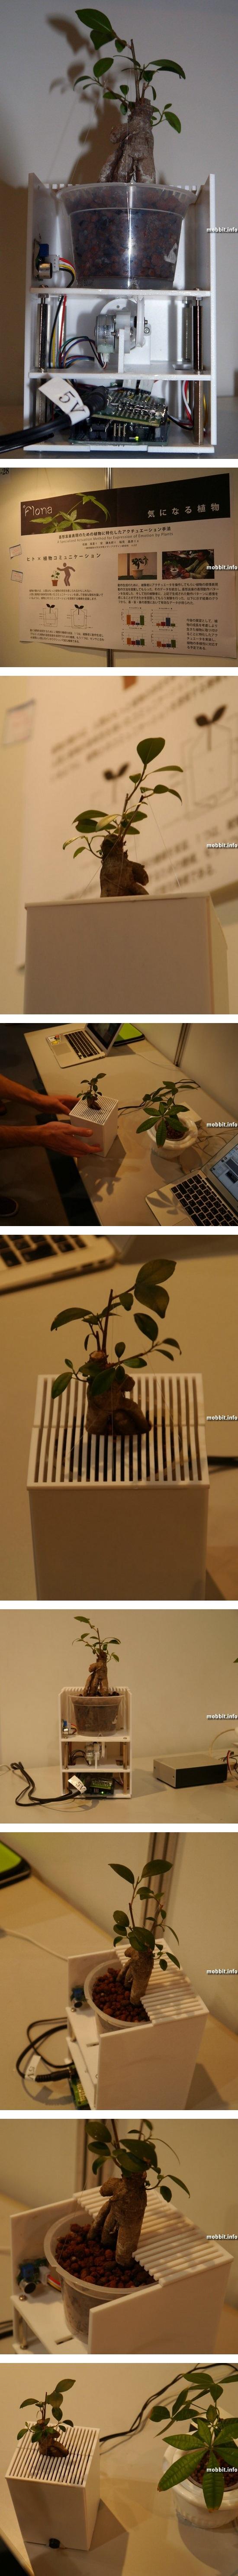 Система, позволяющая человеку понимать «чувства» растений